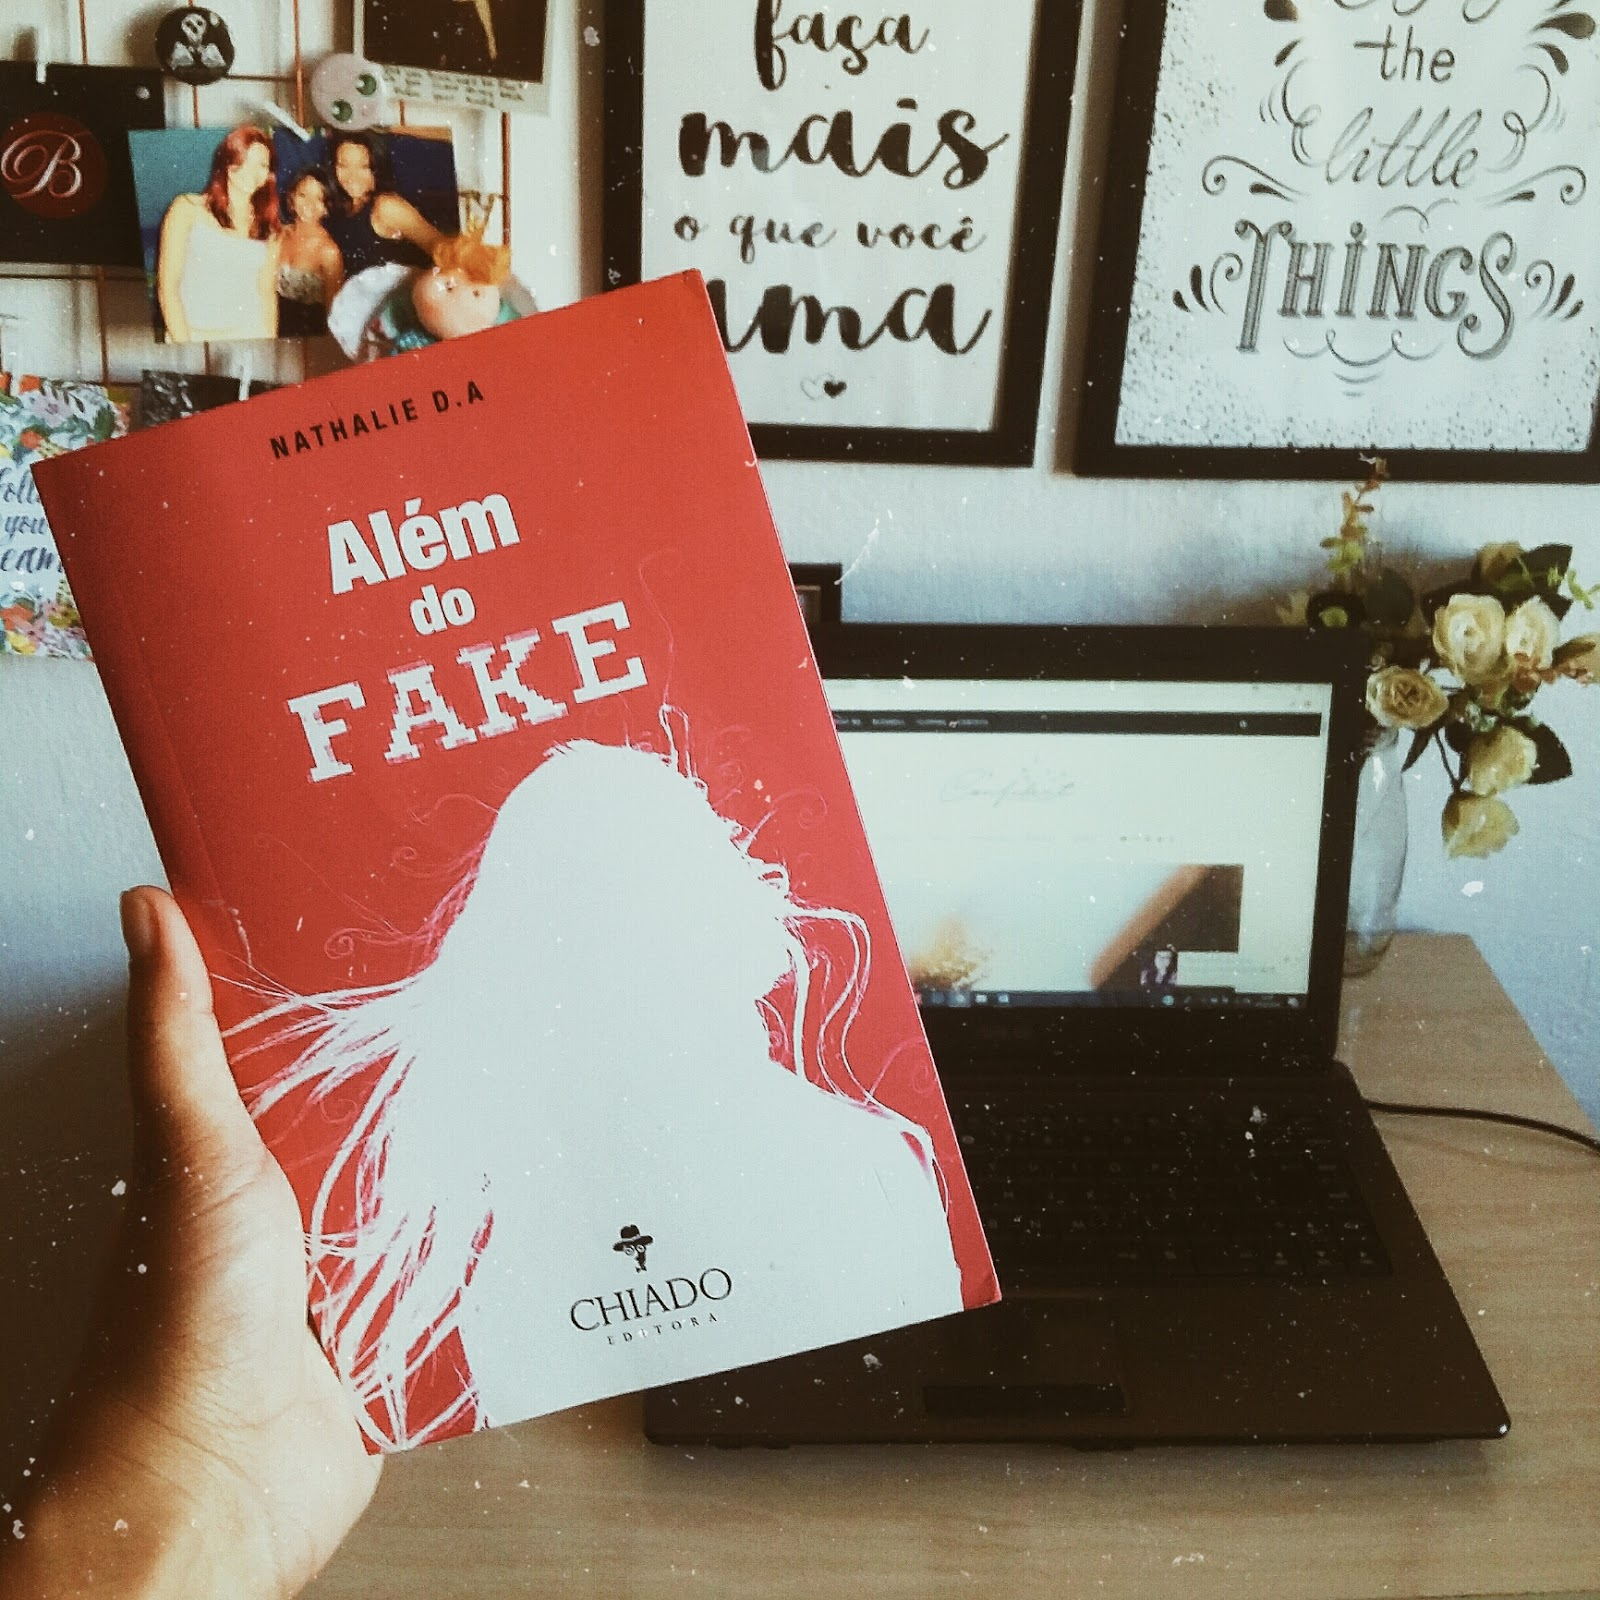 ALÉM DO FAKE - NATHALIE D. A | BLOG CONFIDENT POR LETÍCIA CAETANO